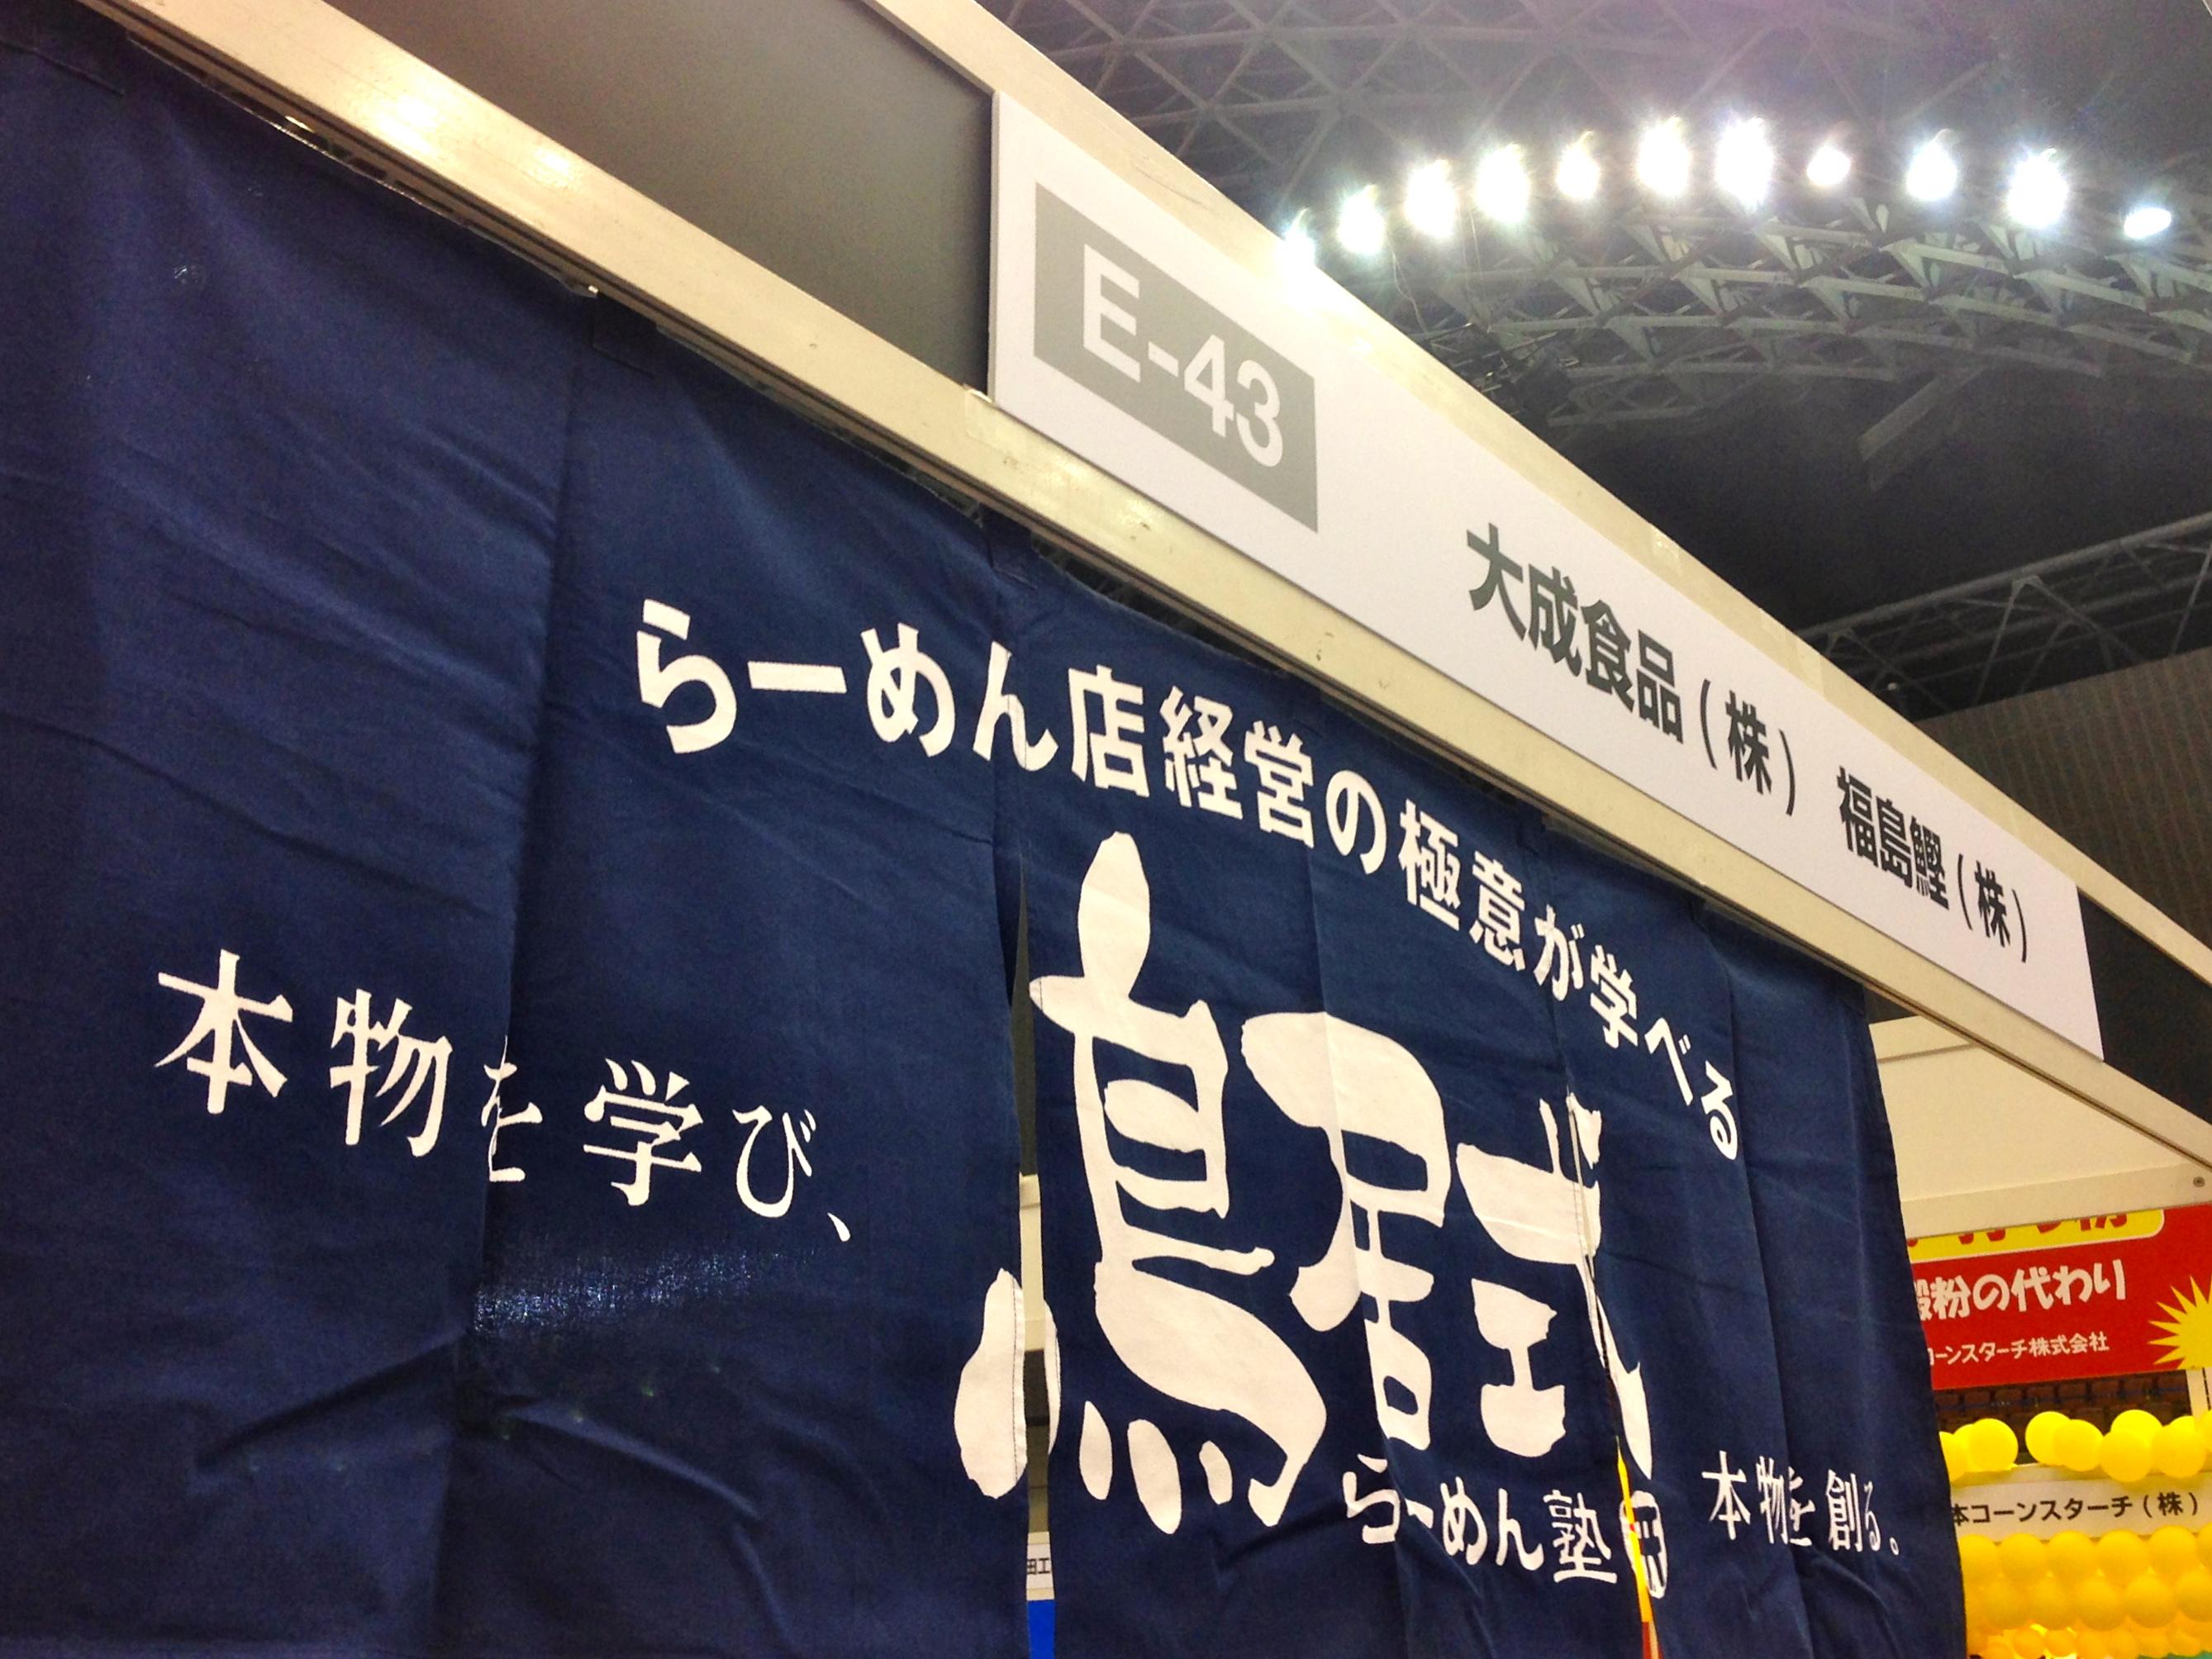 第8回関西ラーメン産業展